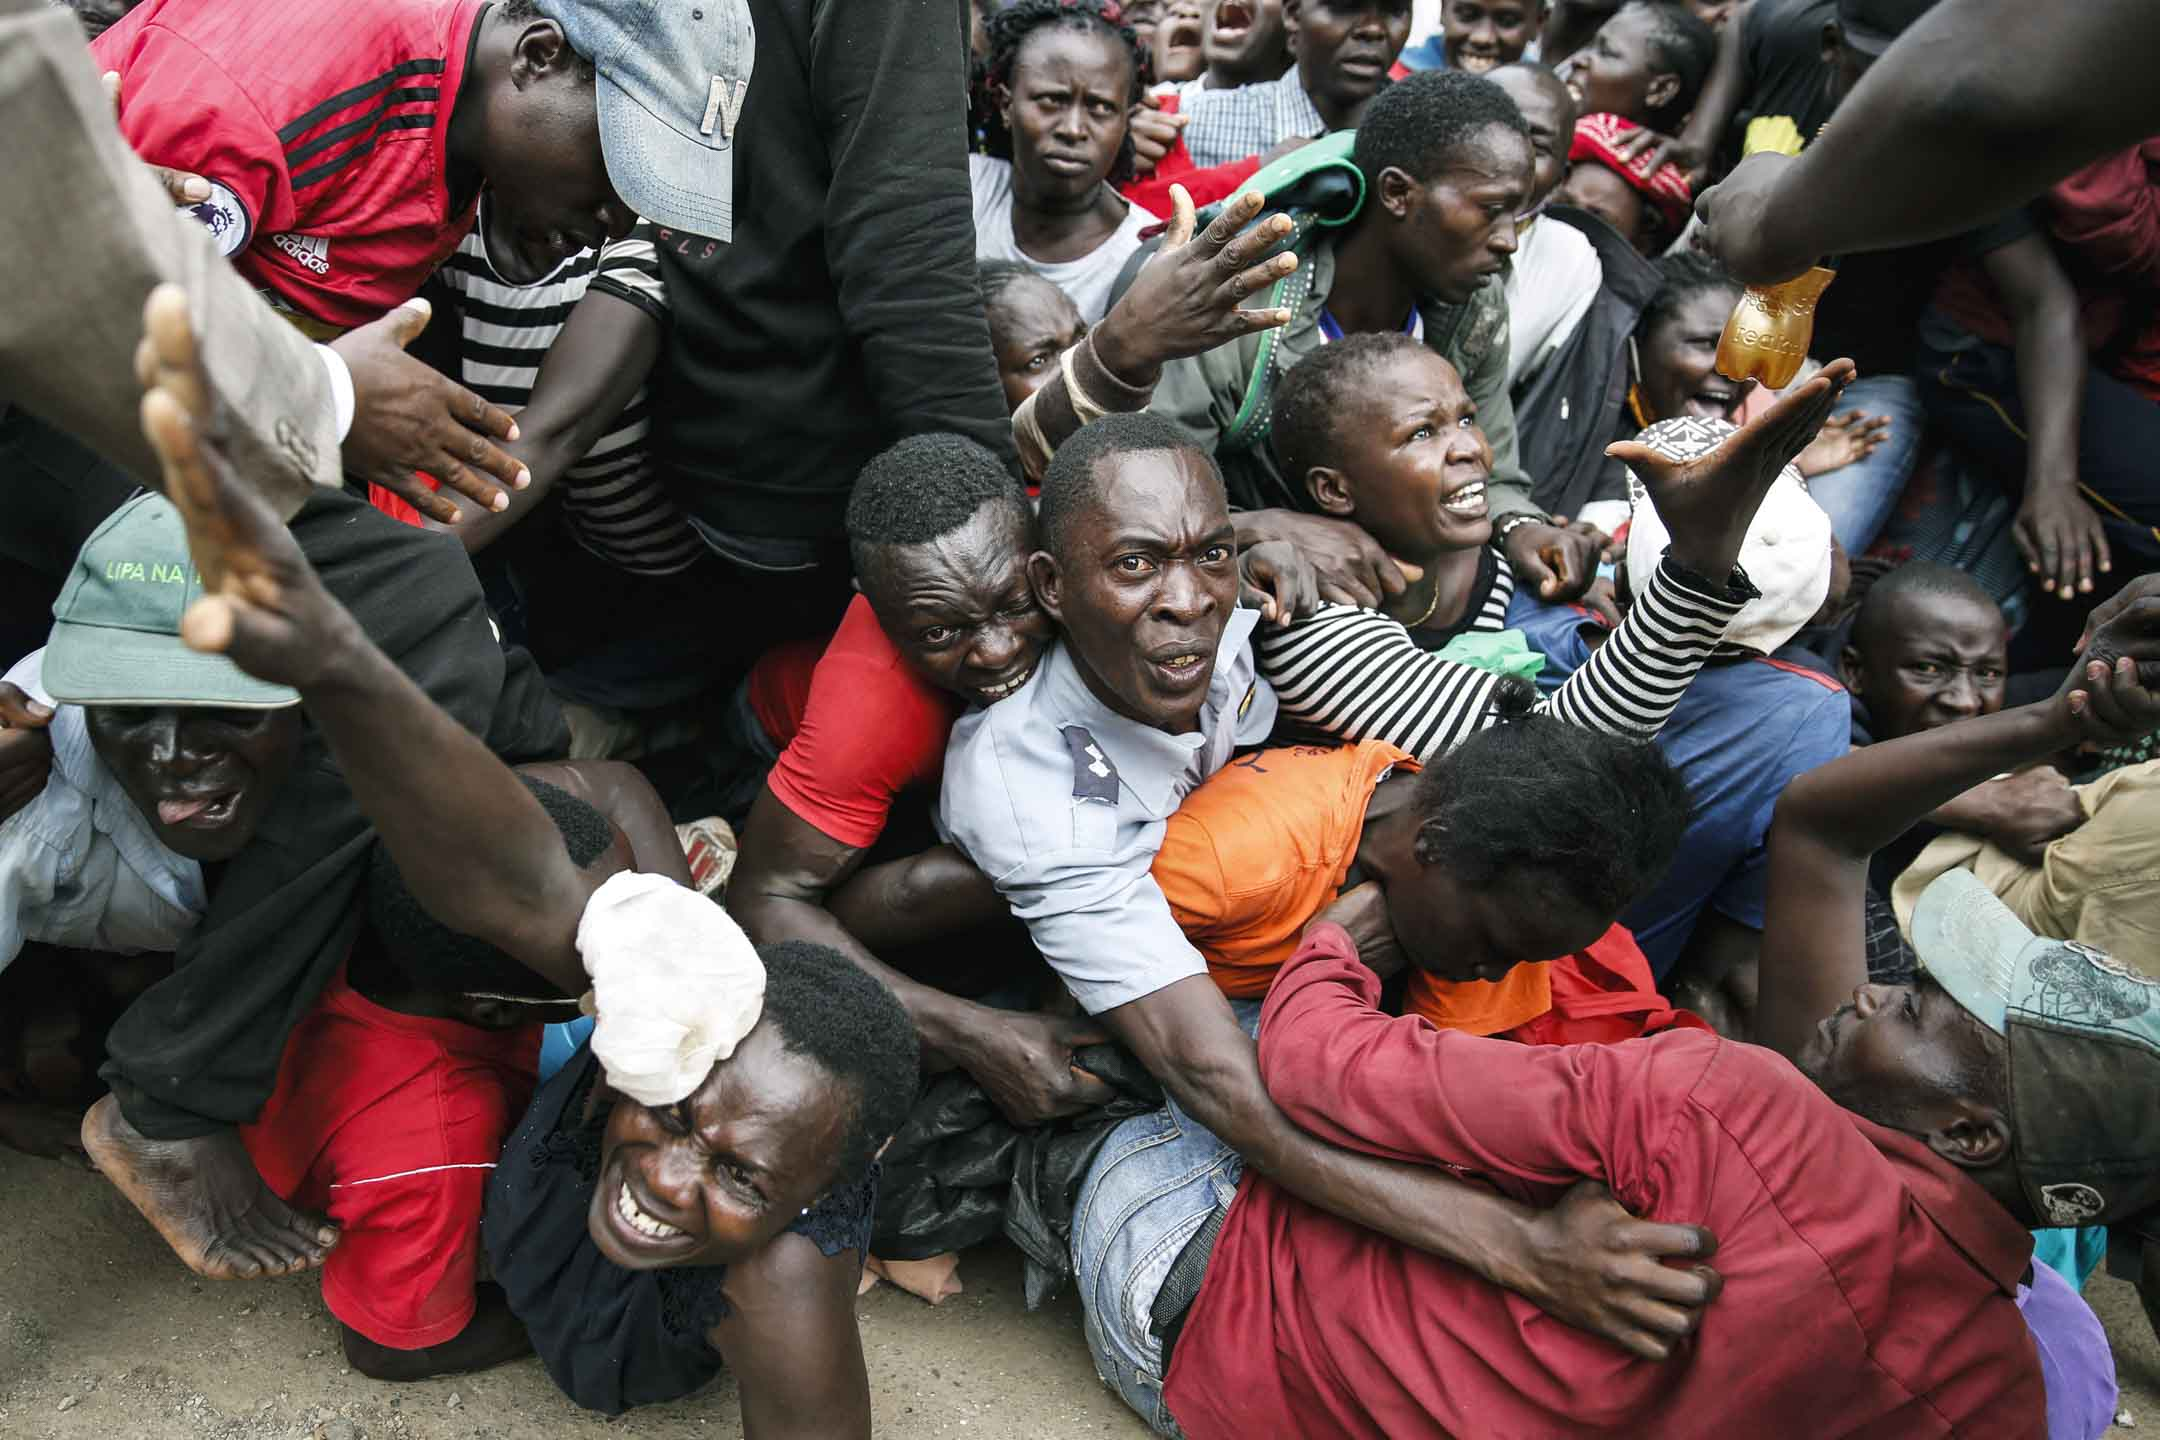 2020年4月10日肯尼亞內羅畢,因2019冠狀病毒被隔離的居民於分派食物時發生混亂,導致警察施放催淚瓦斯,事件造成一些居民受傷 。 攝:Brian Inganga/AP/達志影像